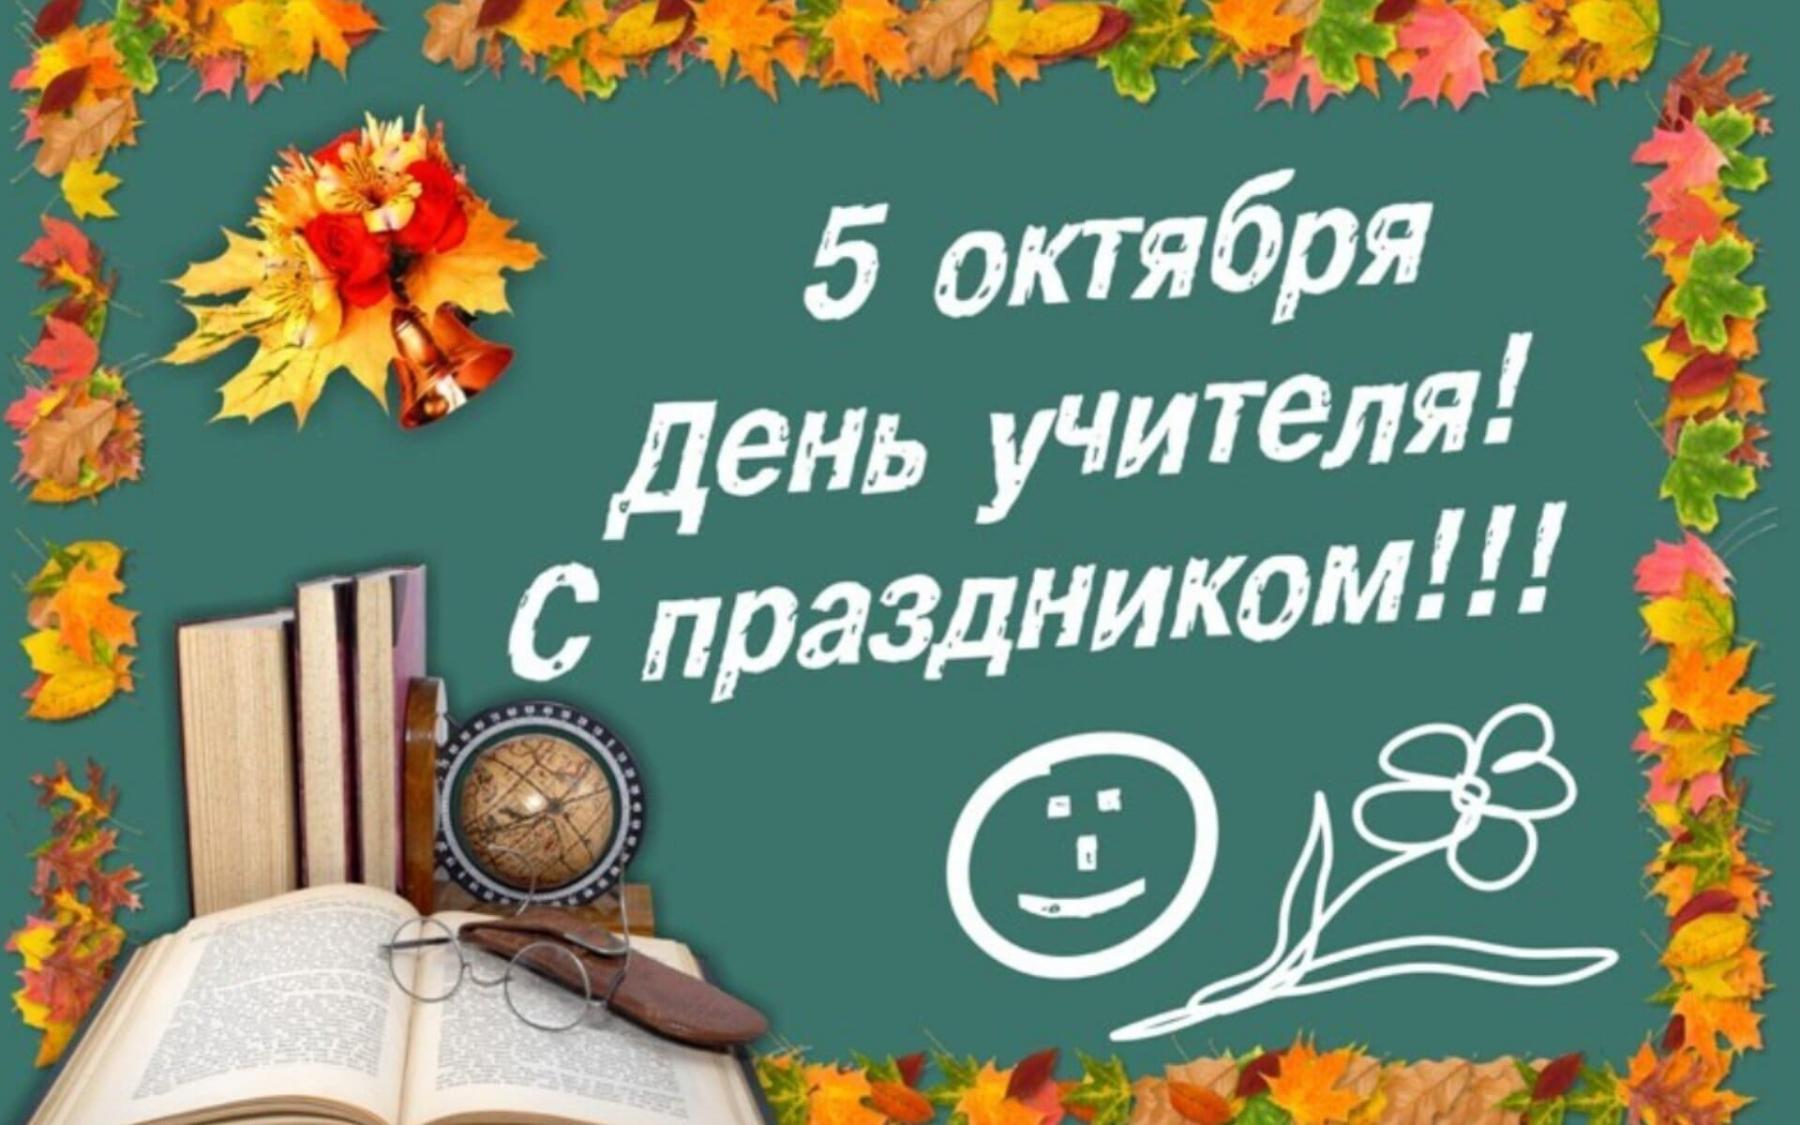 Фото Красивые открытки ко Дню учителя 5 октября – оригинальные поздравления для ватсап и вайбер 8